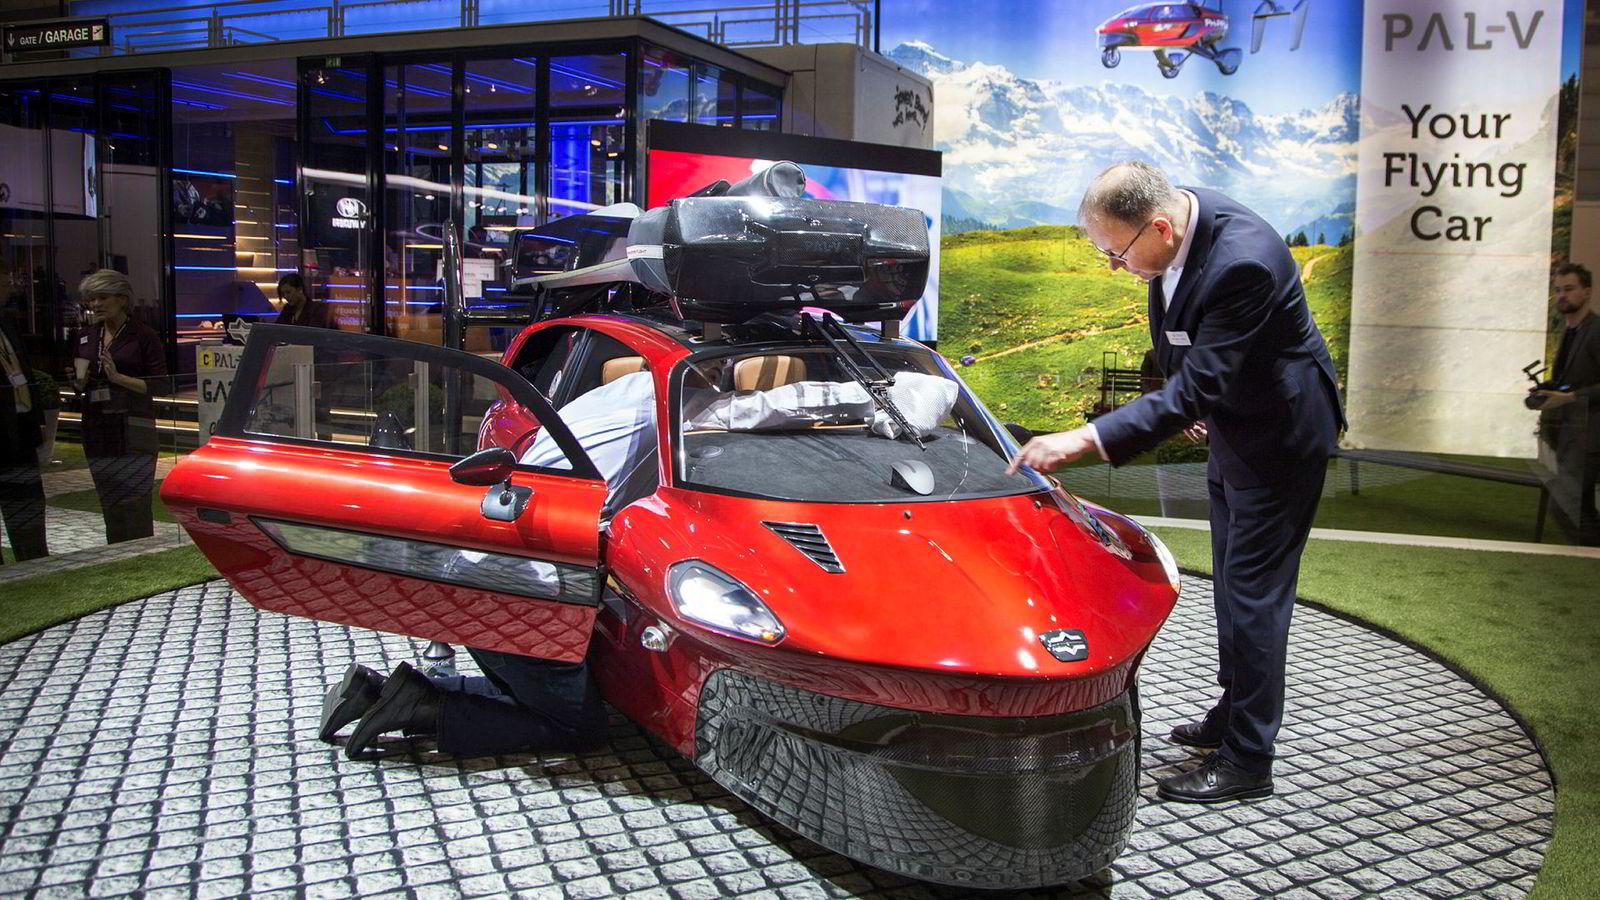 Den flyvende bilen Pal-V skal kunne bestilles allerede nå.